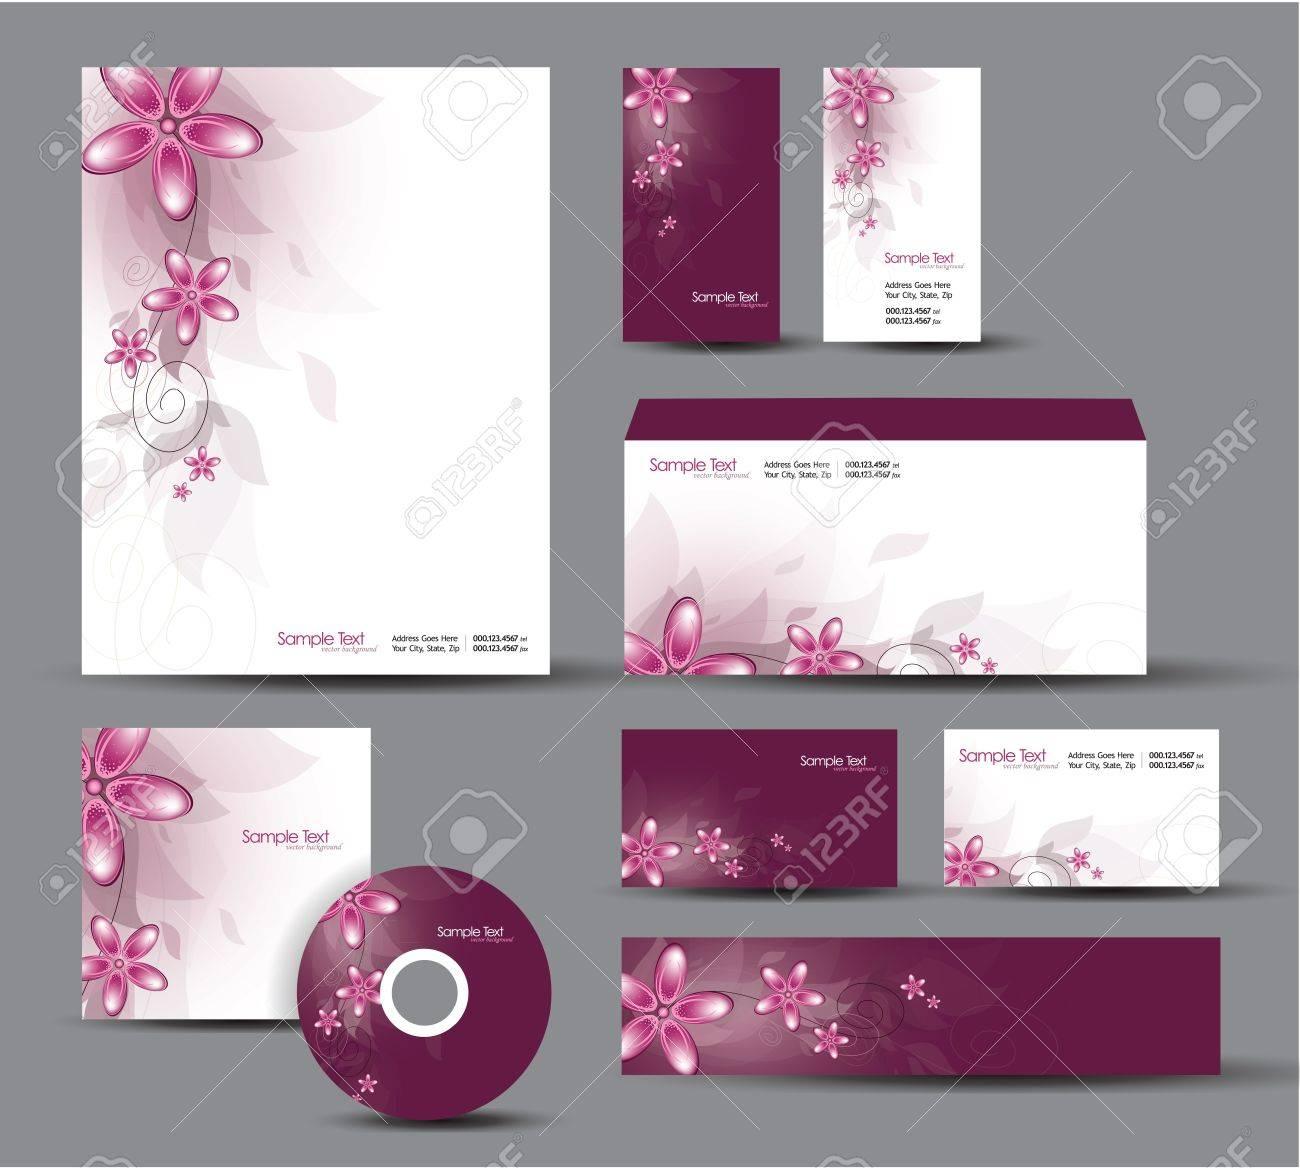 Modern Identity Package  Letterhead, business gift cards, envelope, cd dvd, header banner Stock Vector - 17946900